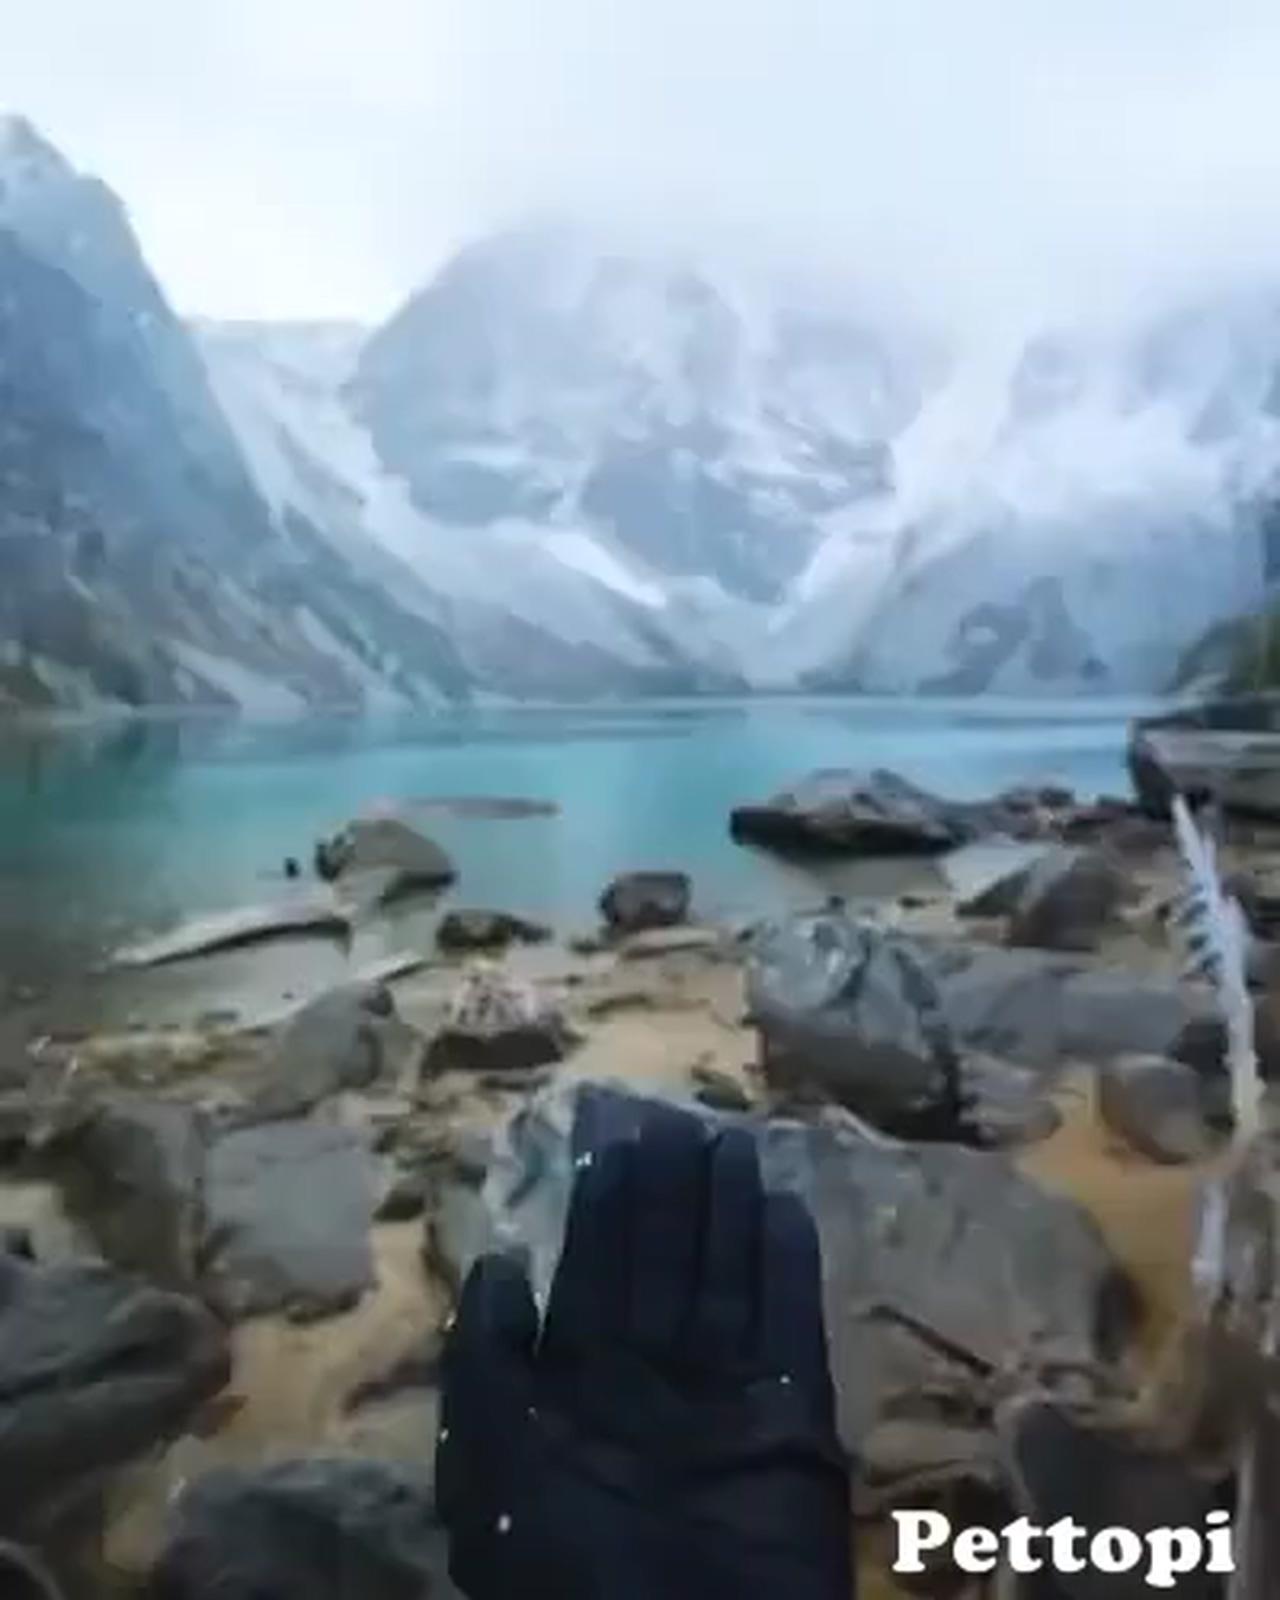 Cute bird perched in hand - Beautiful Nature